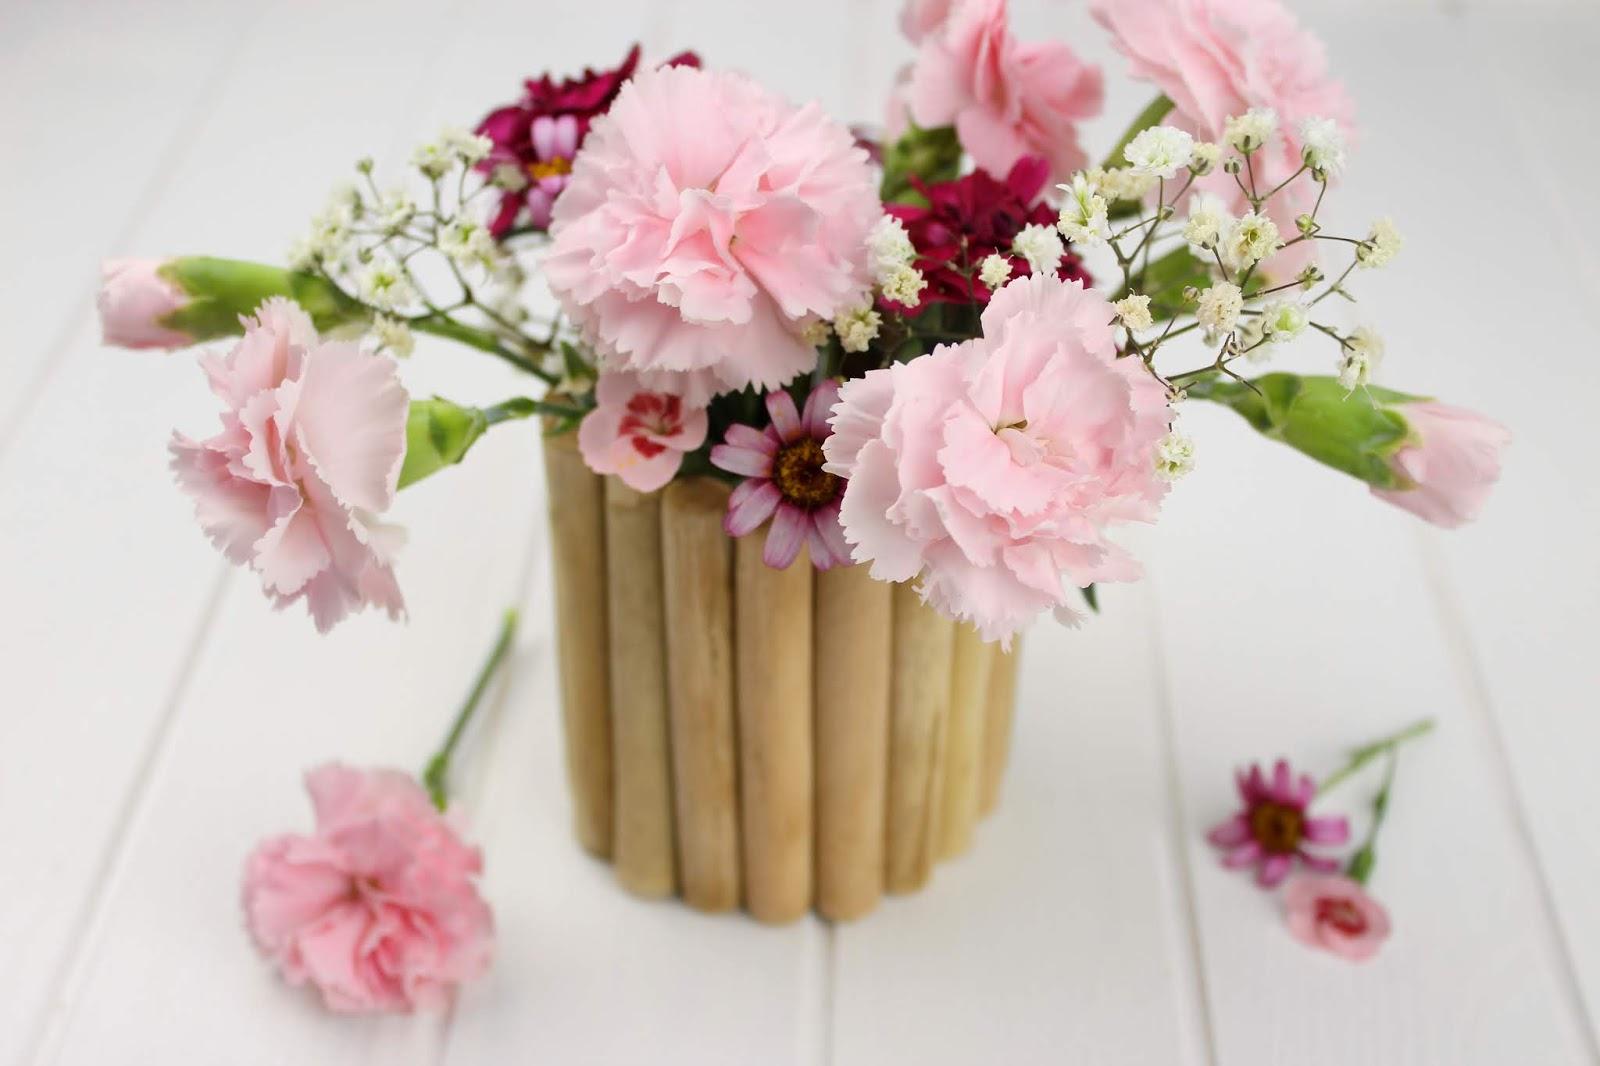 DIY - Vase aus Holz ganz einfach und schnell selber machen - wunderschöne Deko